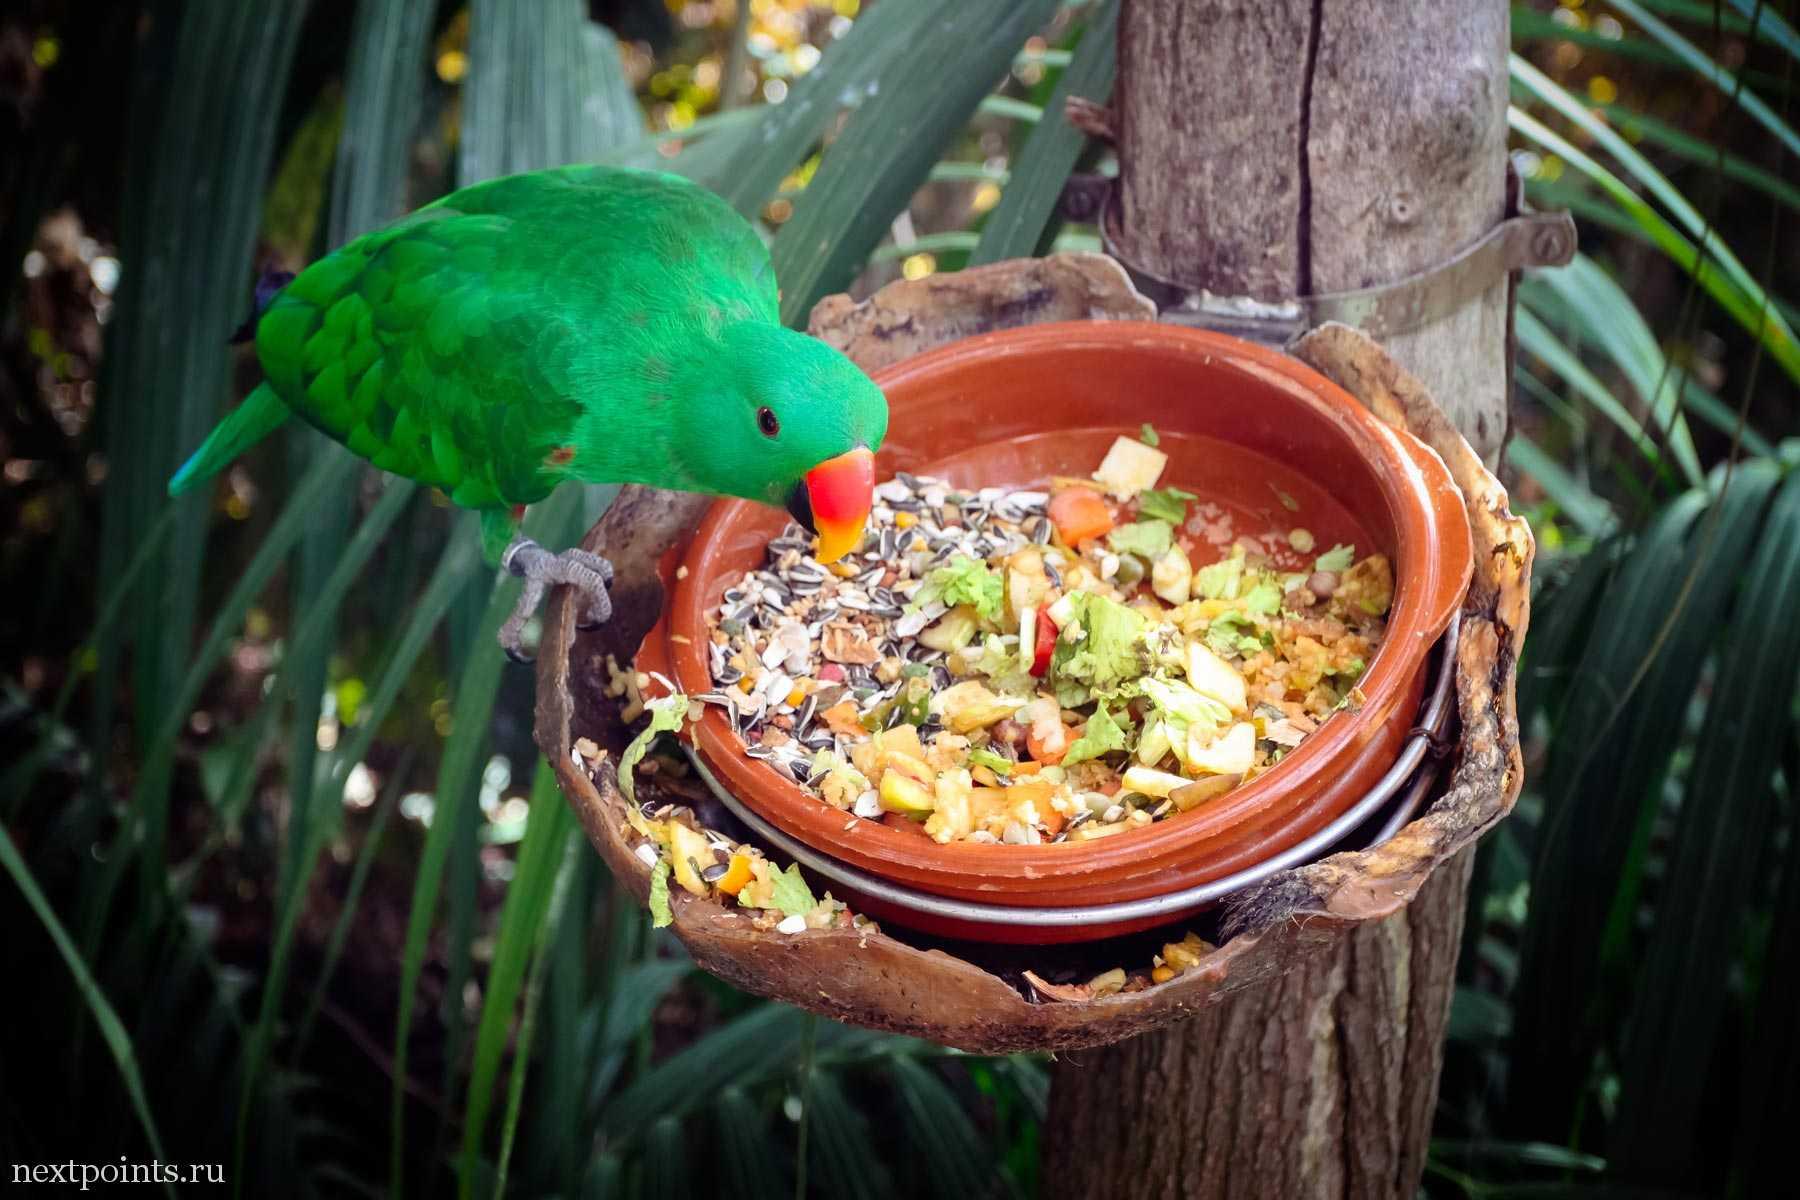 Попугай ест фрукты и семечки в Лоро Парке